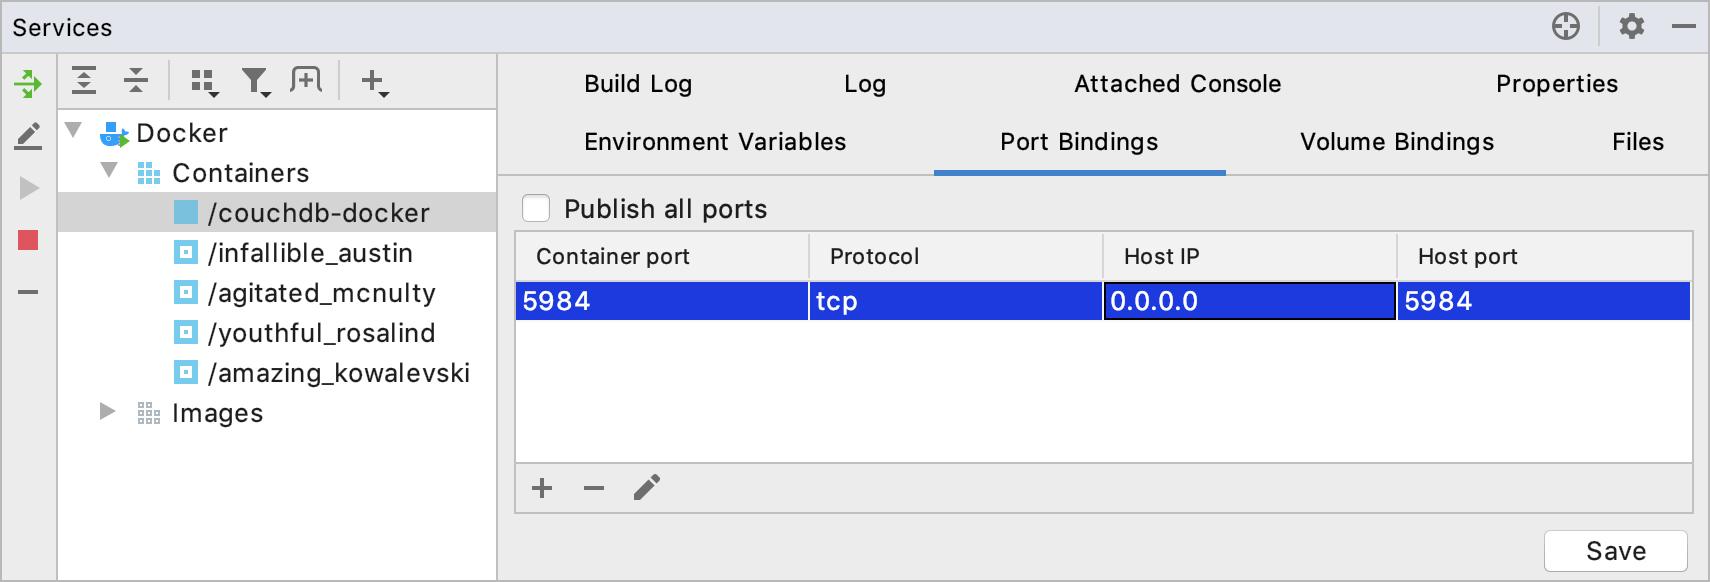 The Port Bindings tab